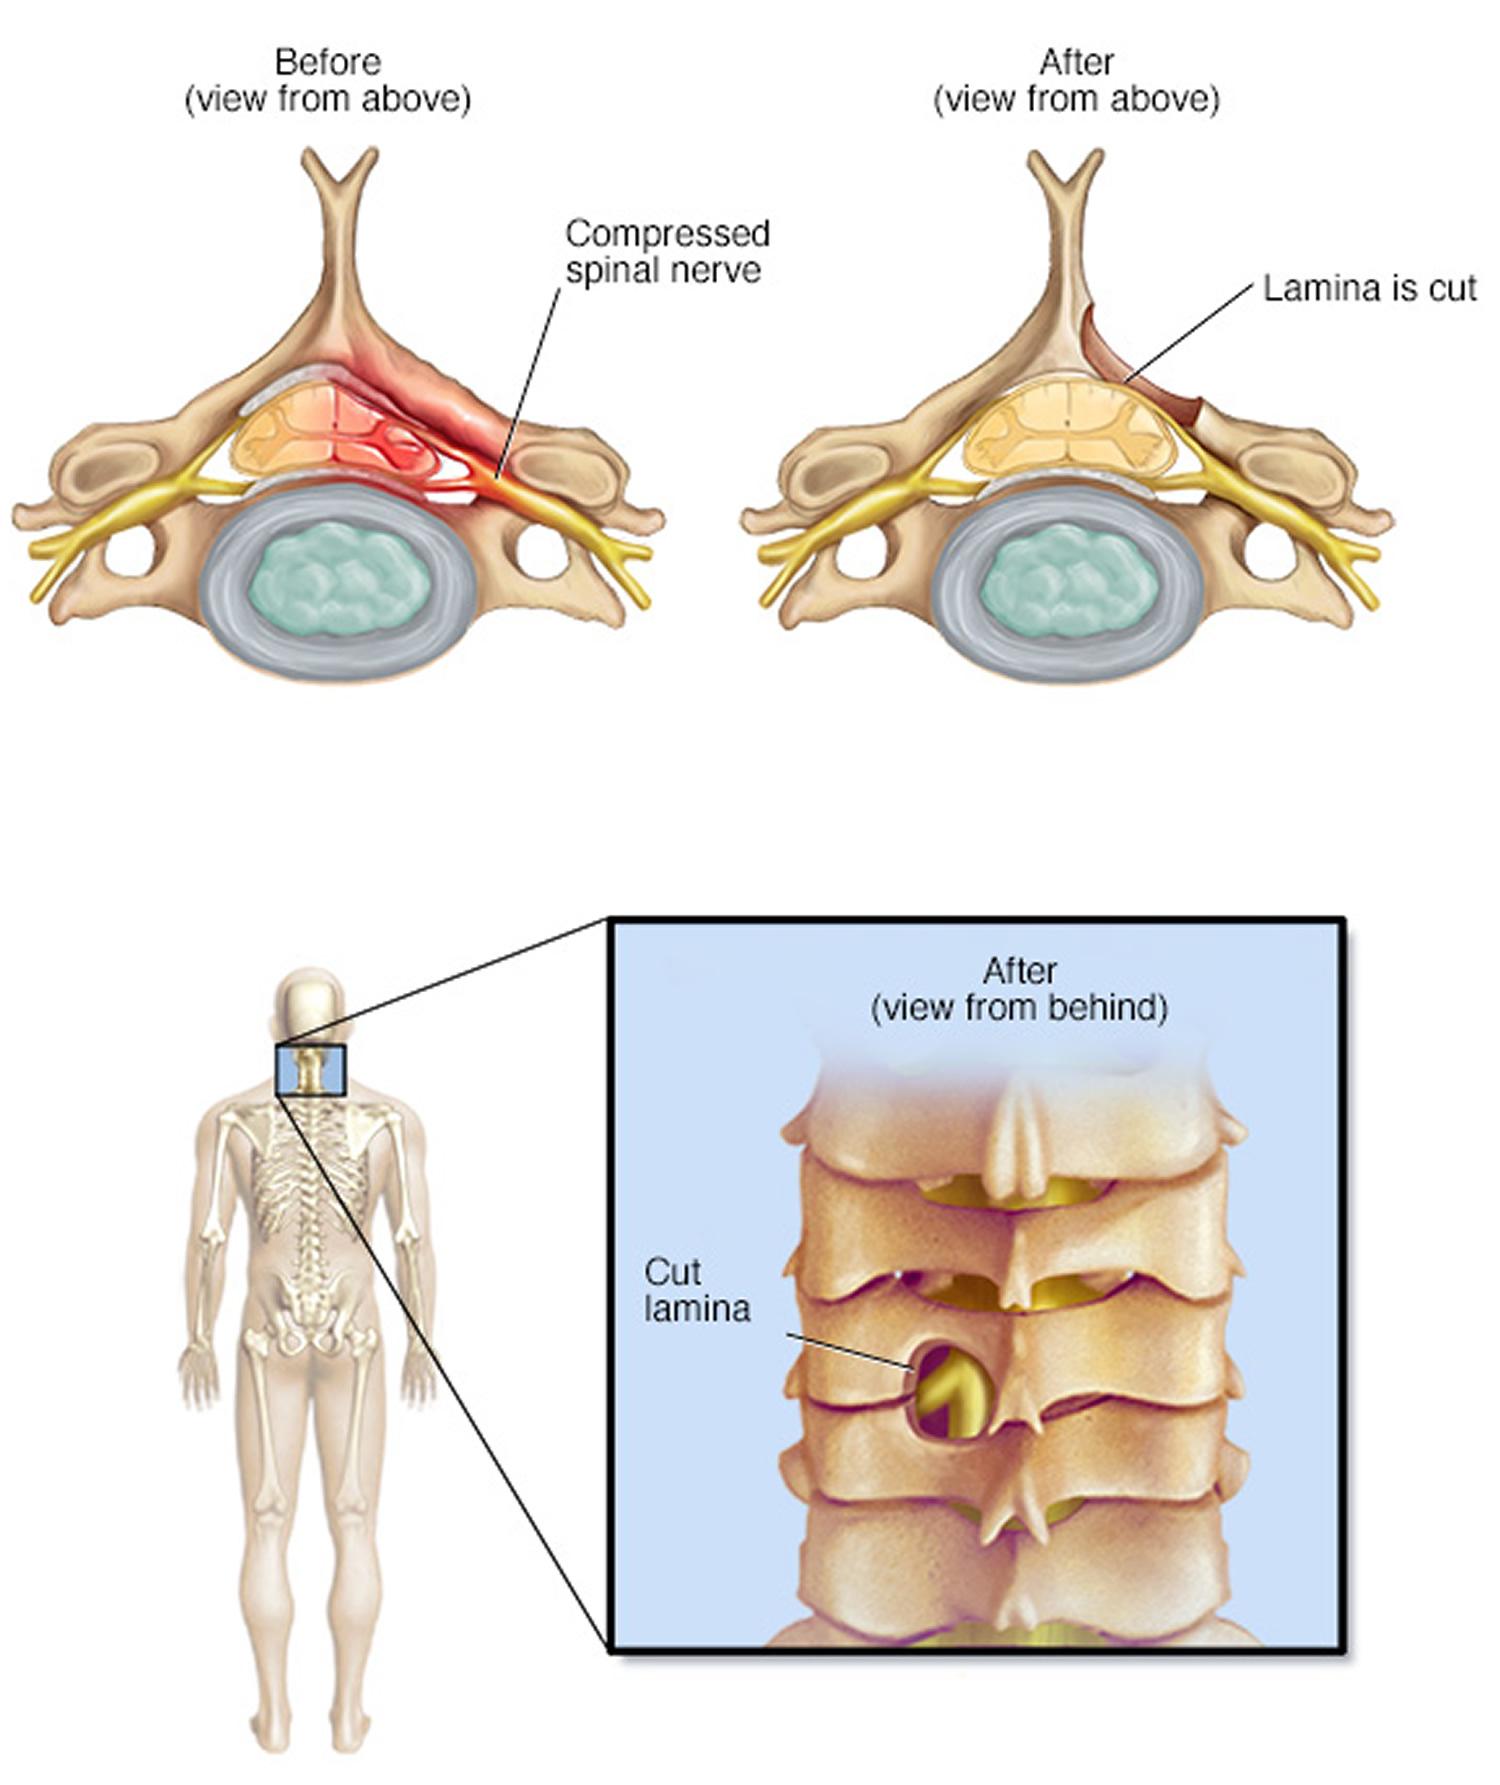 Laminotomy